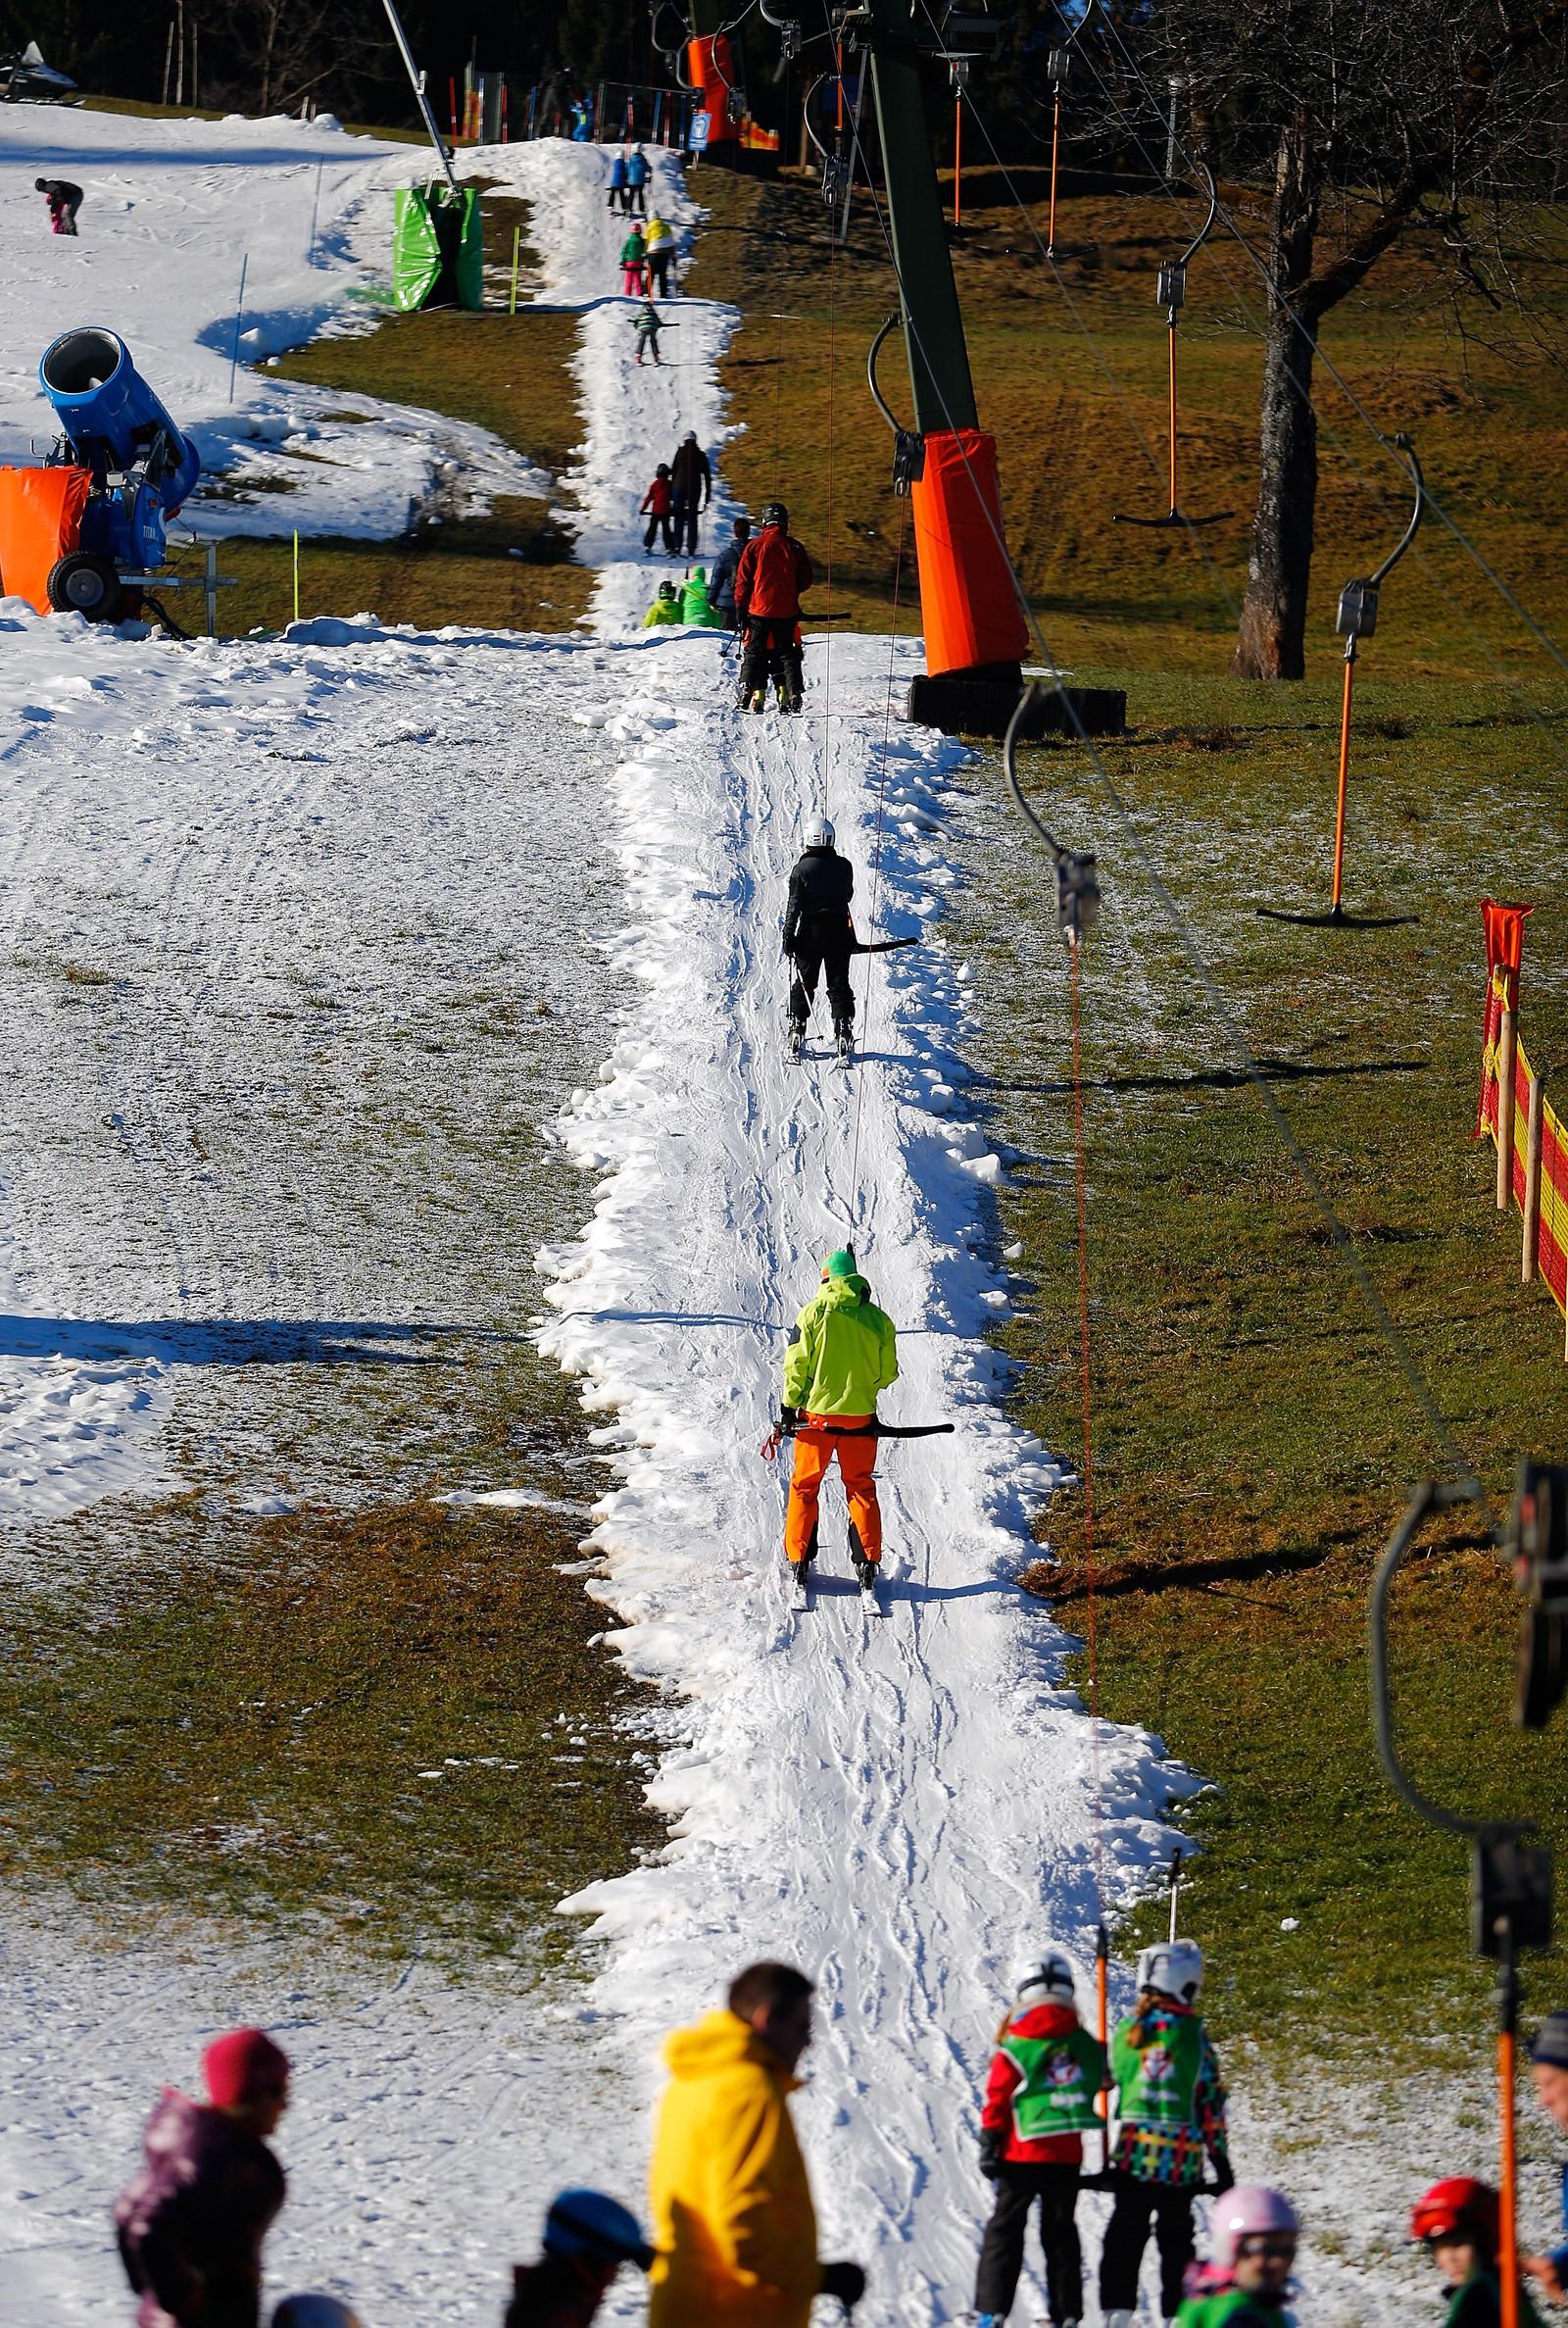 Store deler av Europa fikk uvanlig lite snø før jul. Her fra et skisenter nær Oberstdorf i Tyskland der kunstsnøen holder liv i anlegget.